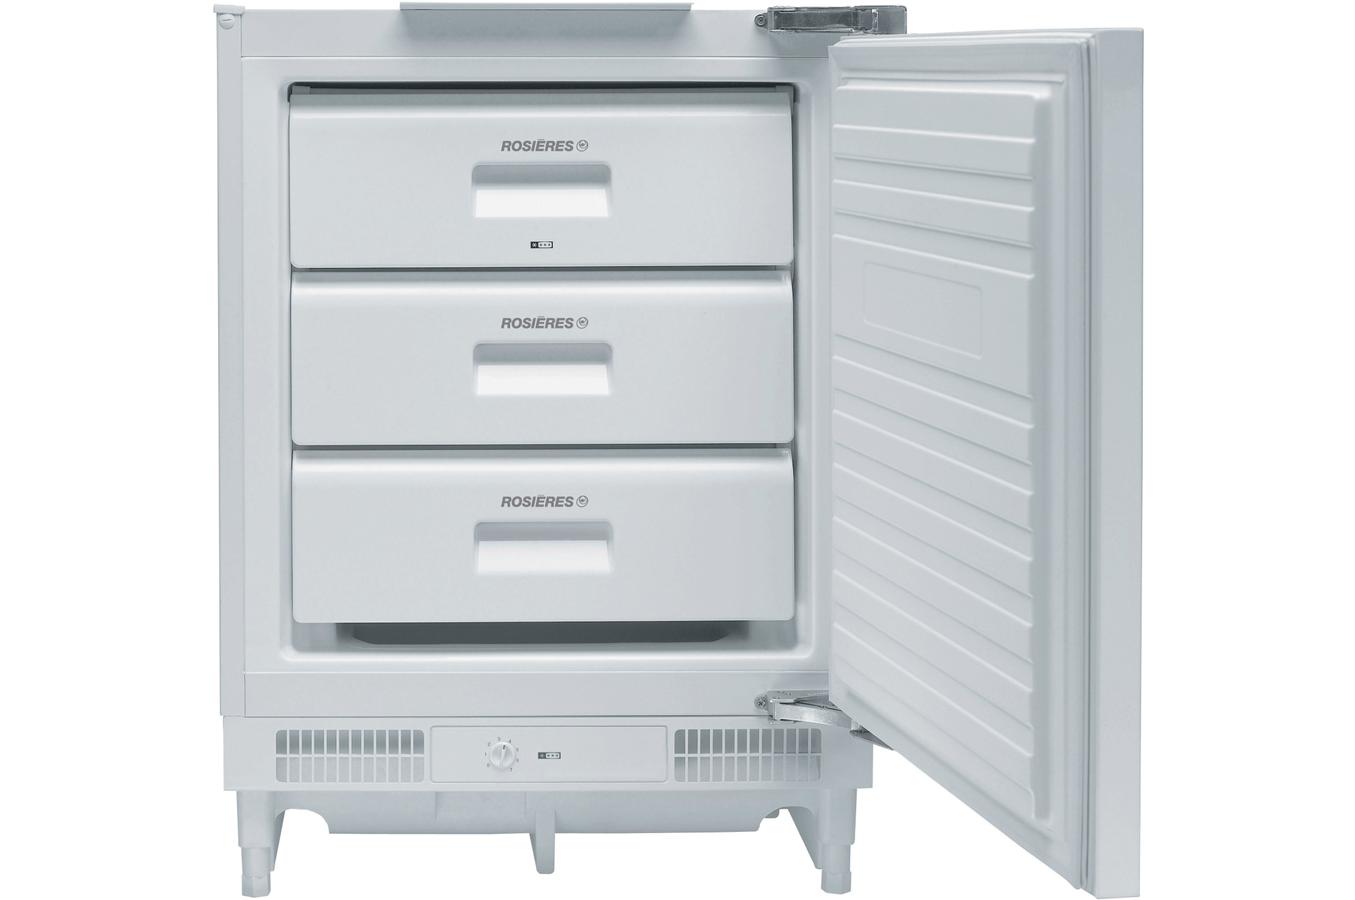 Refrigerateur Congelateur Encastrable Froid Ventile